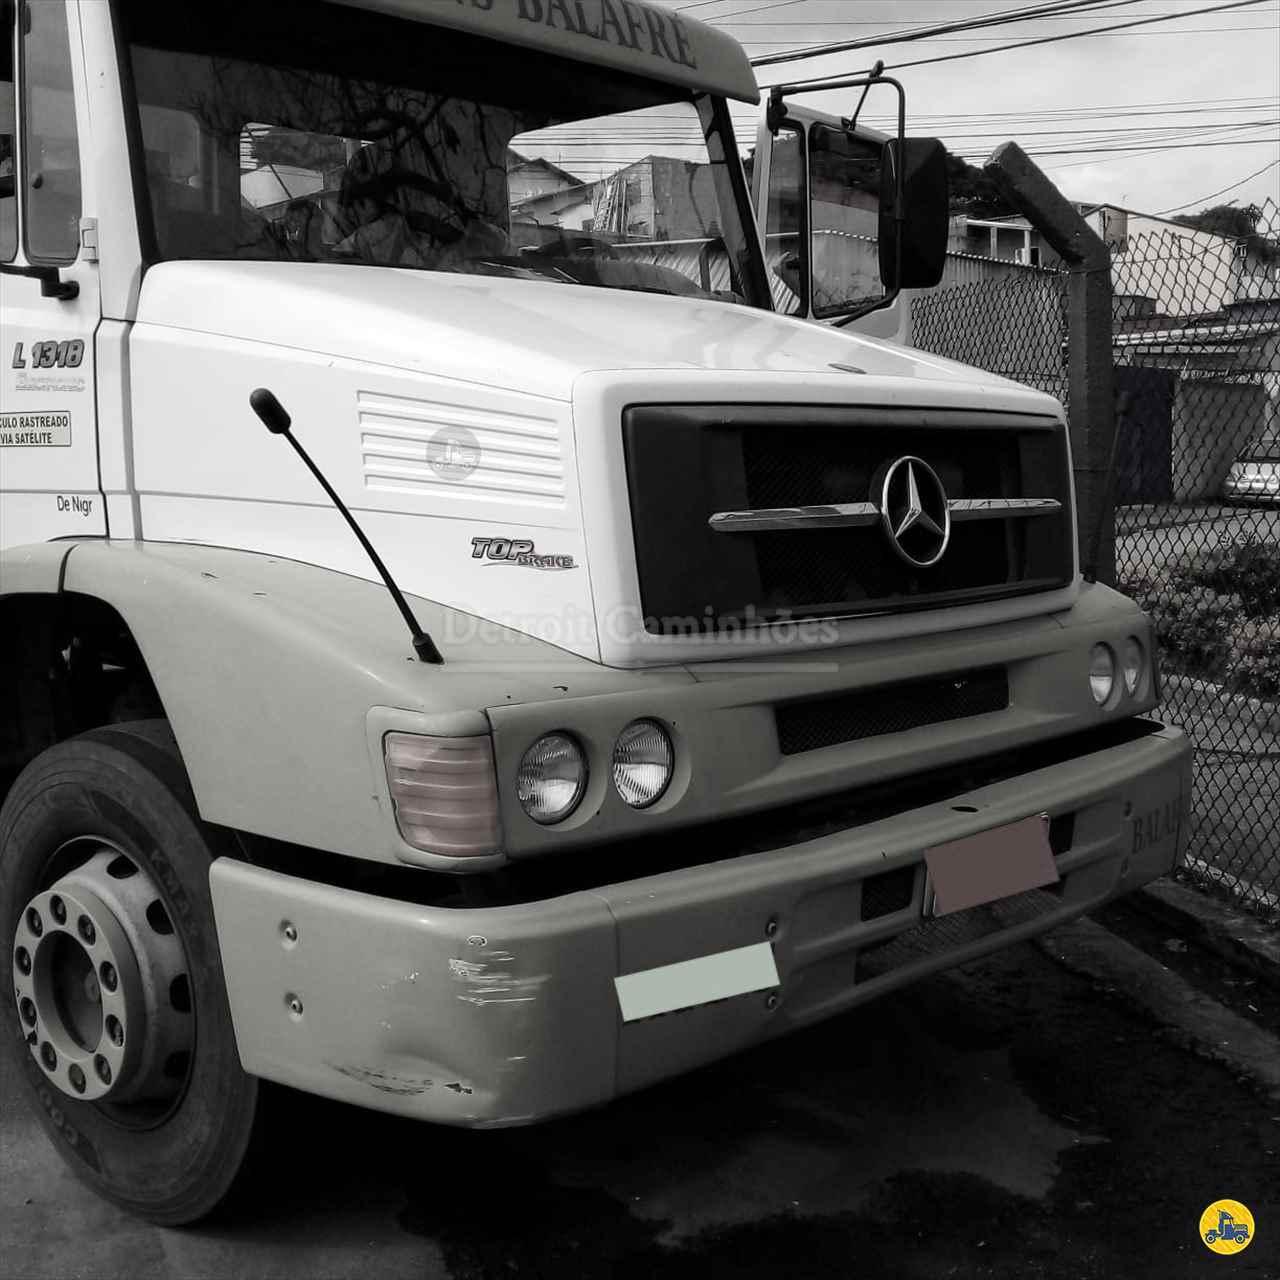 MB 1318 de Detroit Caminhões - SAO JOSE DOS CAMPOS/SP